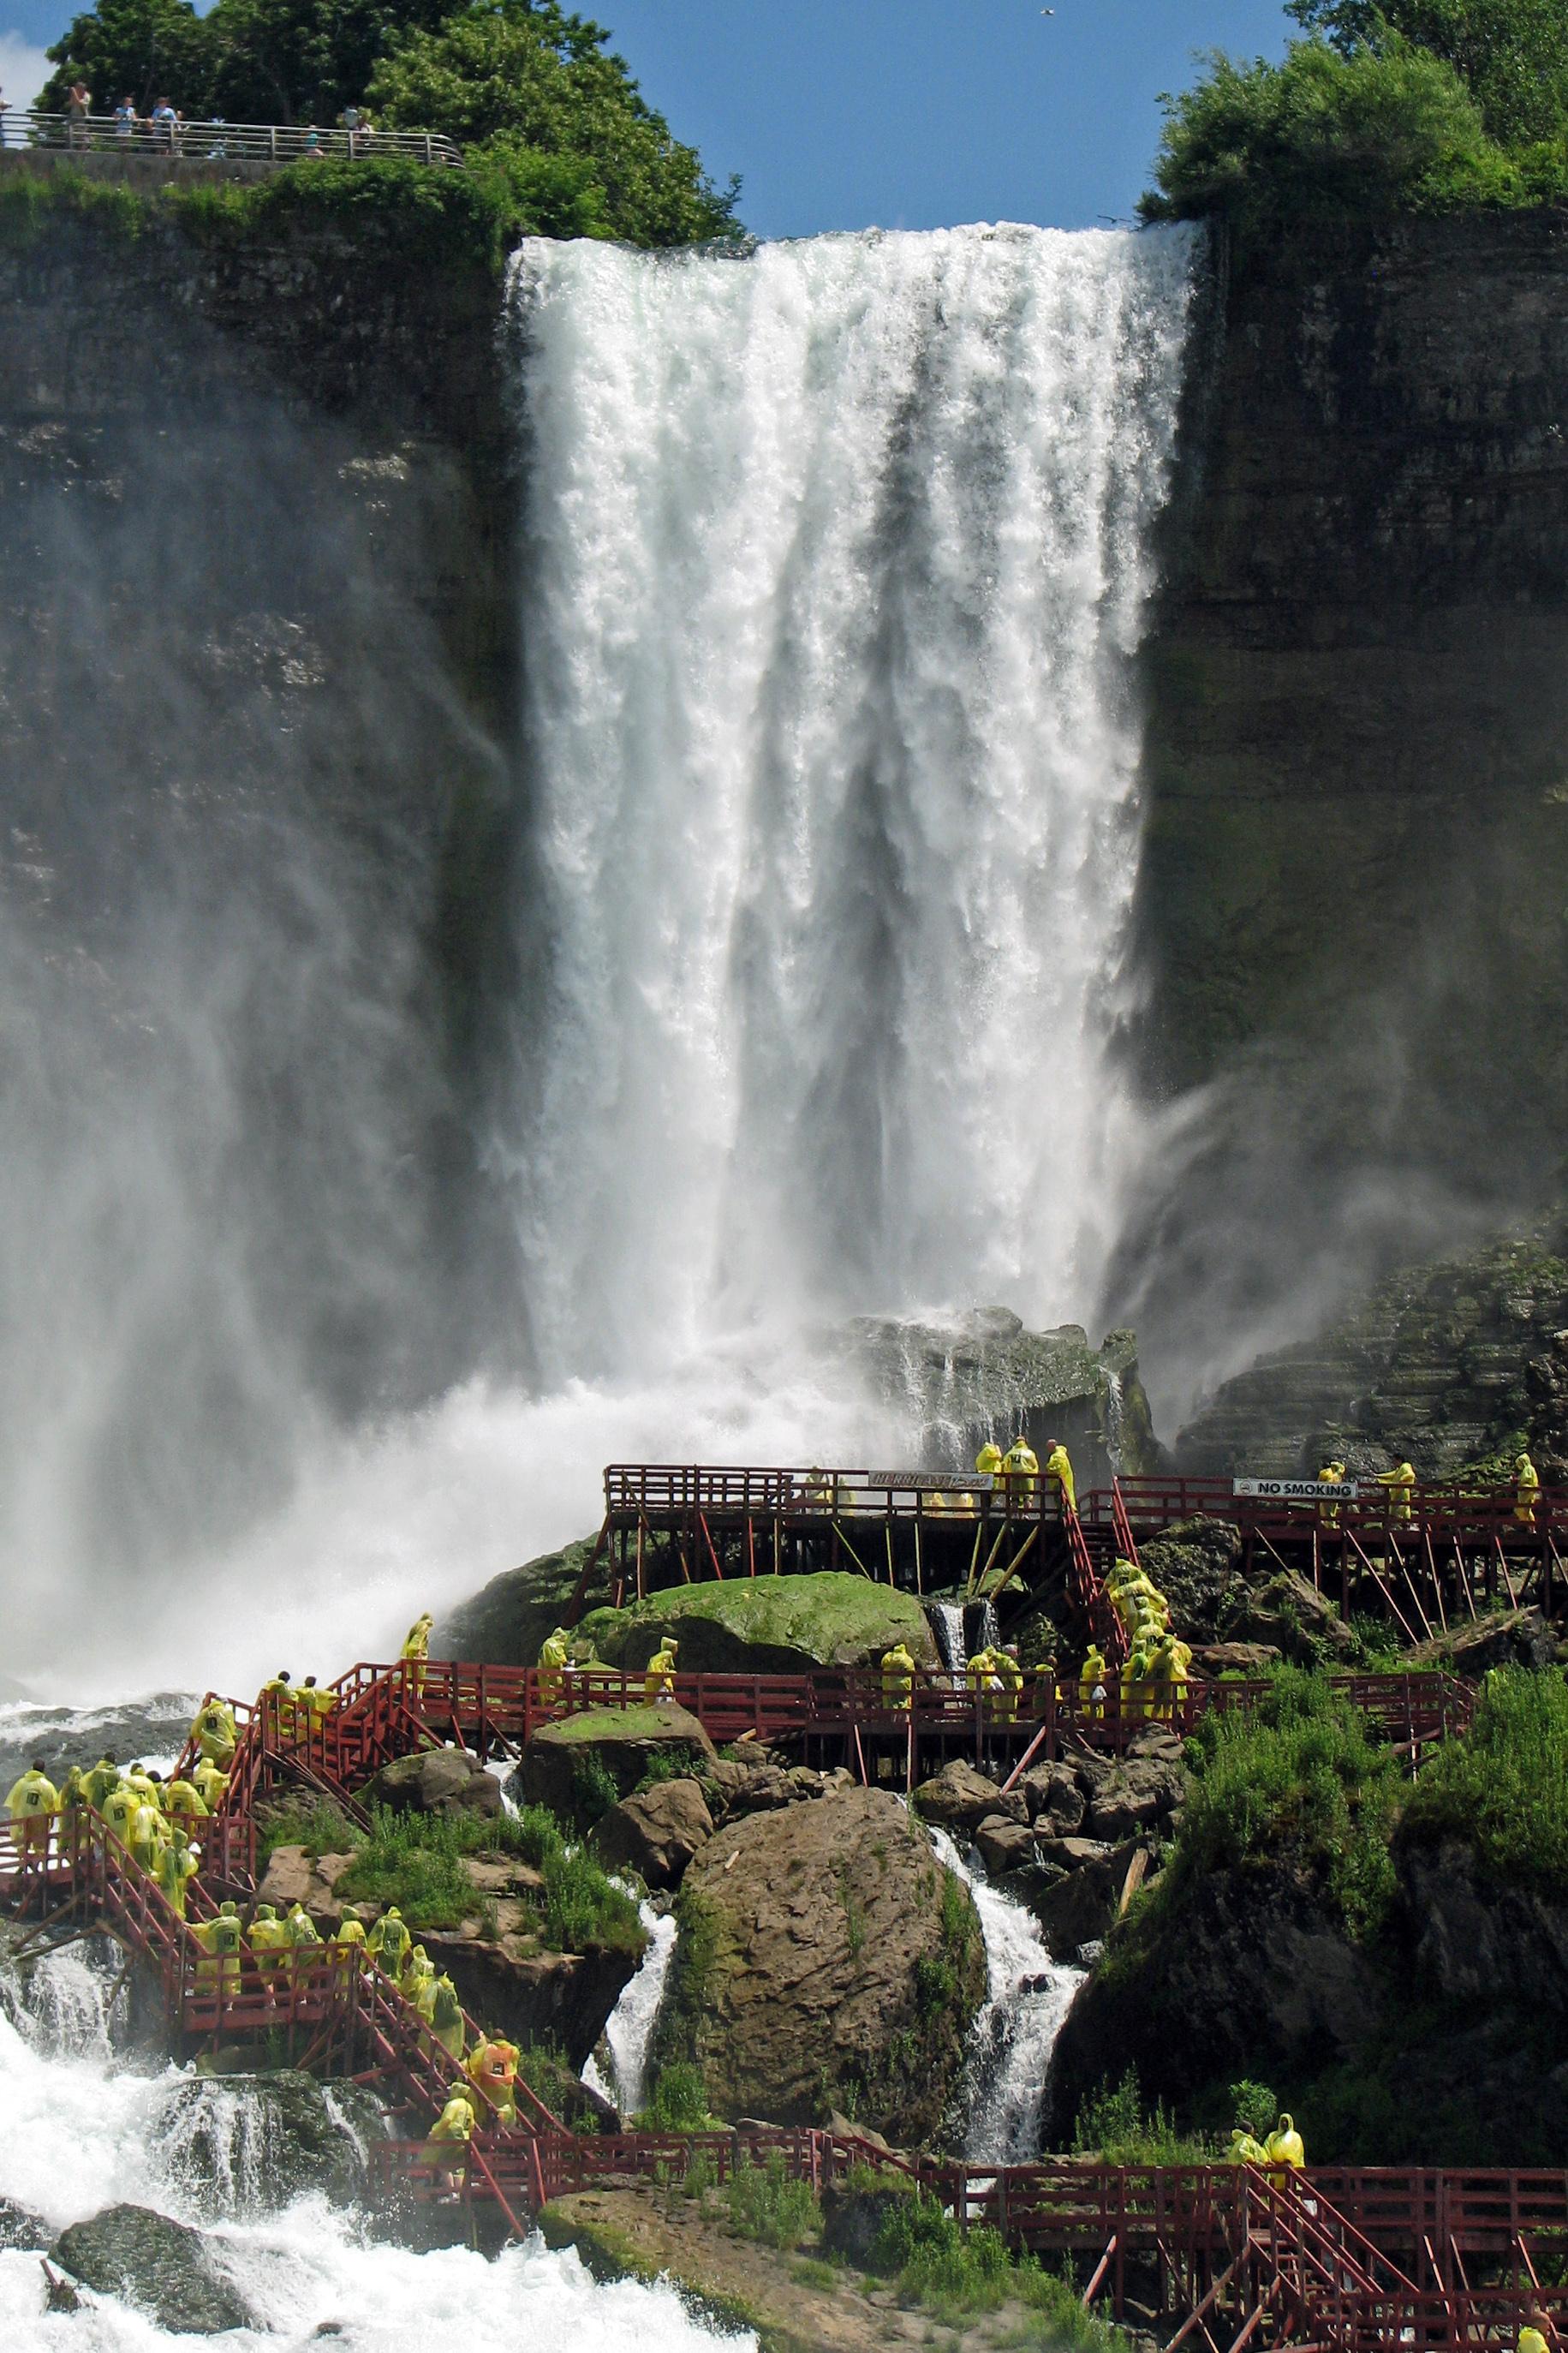 Bridal Veil Falls At Niagara Falls Flickr Photo Sharing